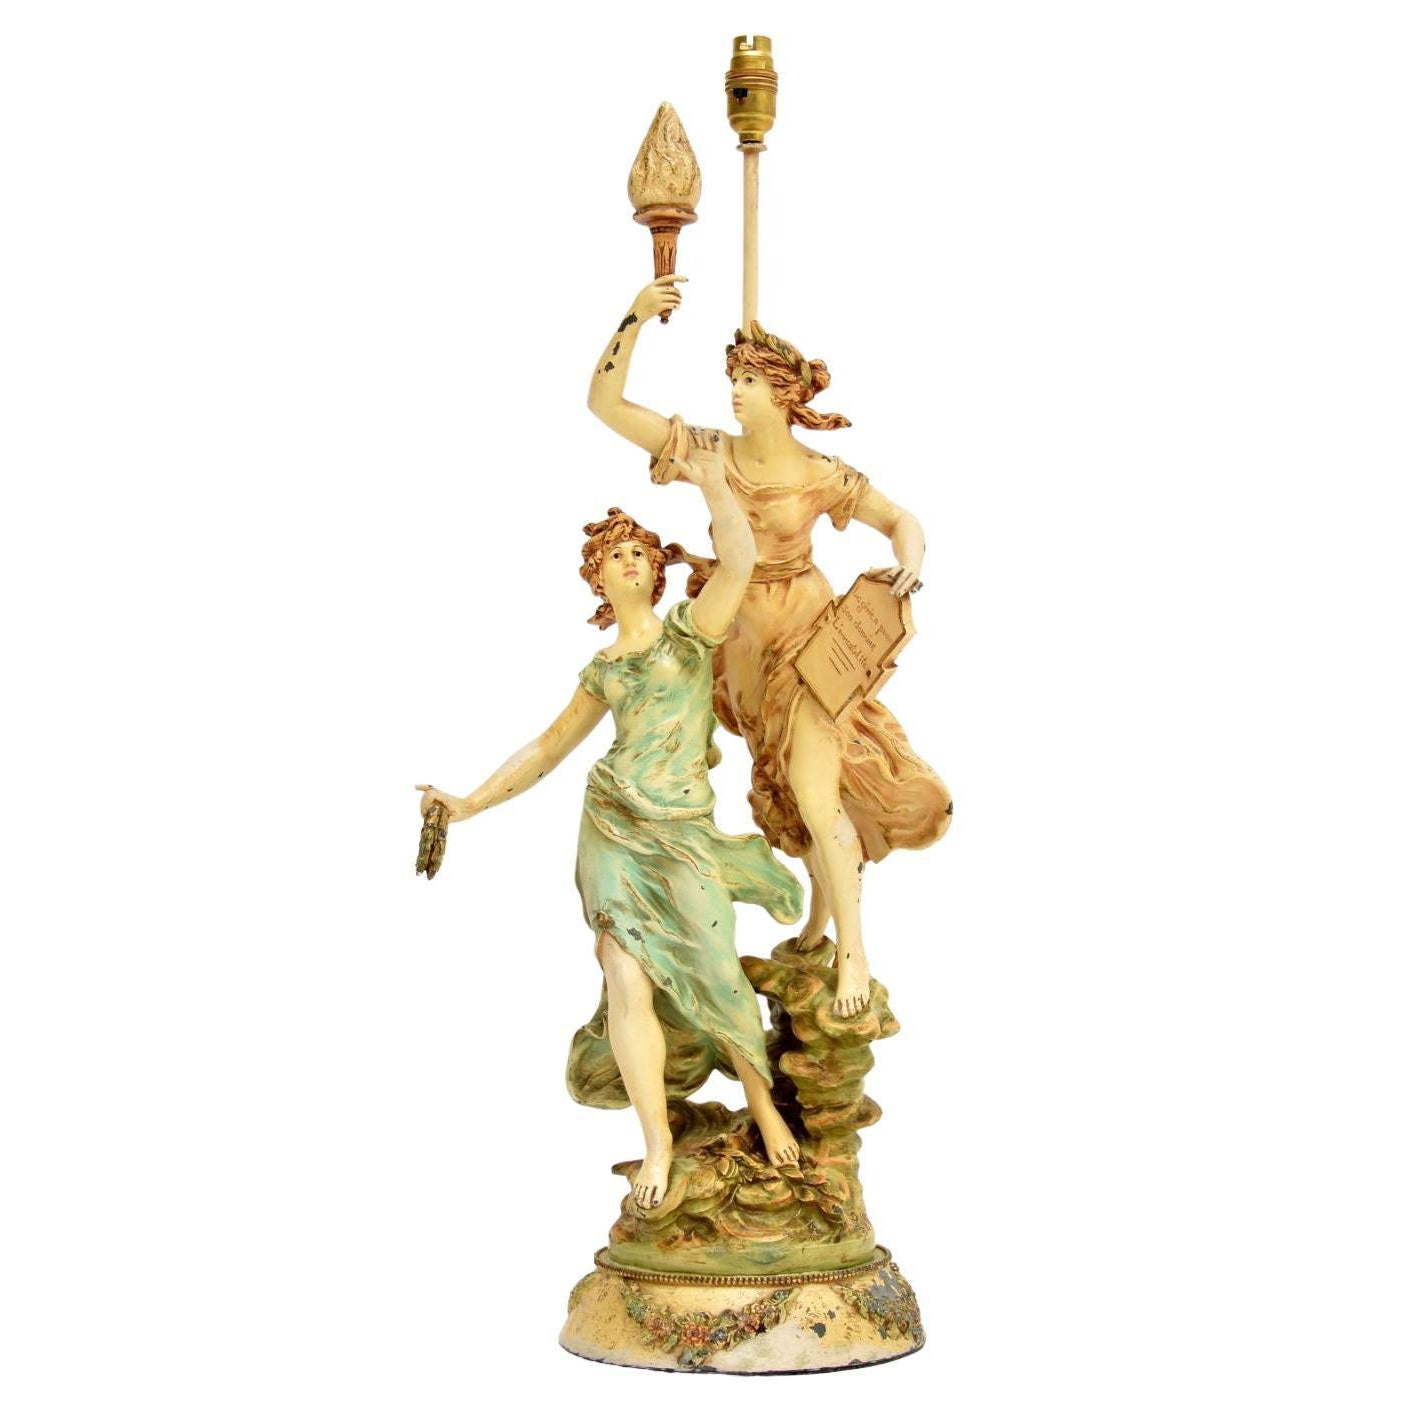 Antique Art Nouveau Table Lamp by L & F Moreau